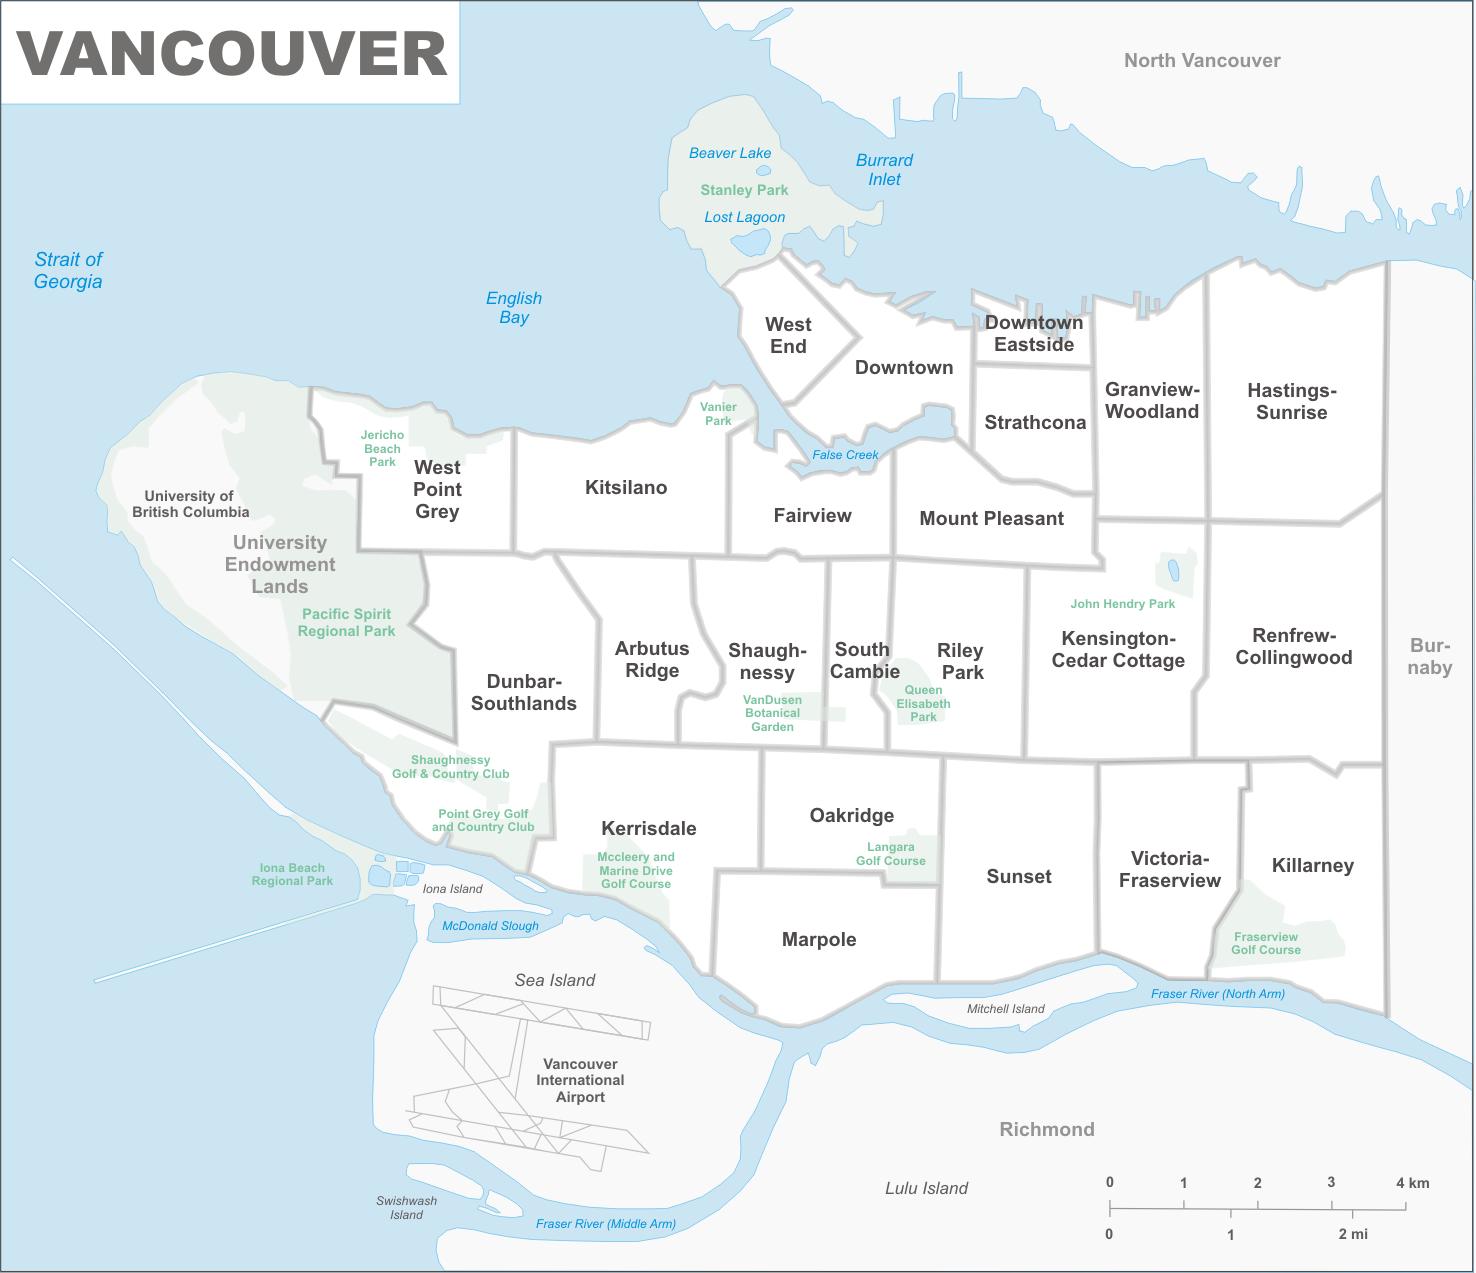 Vancouver Neighbourhoods